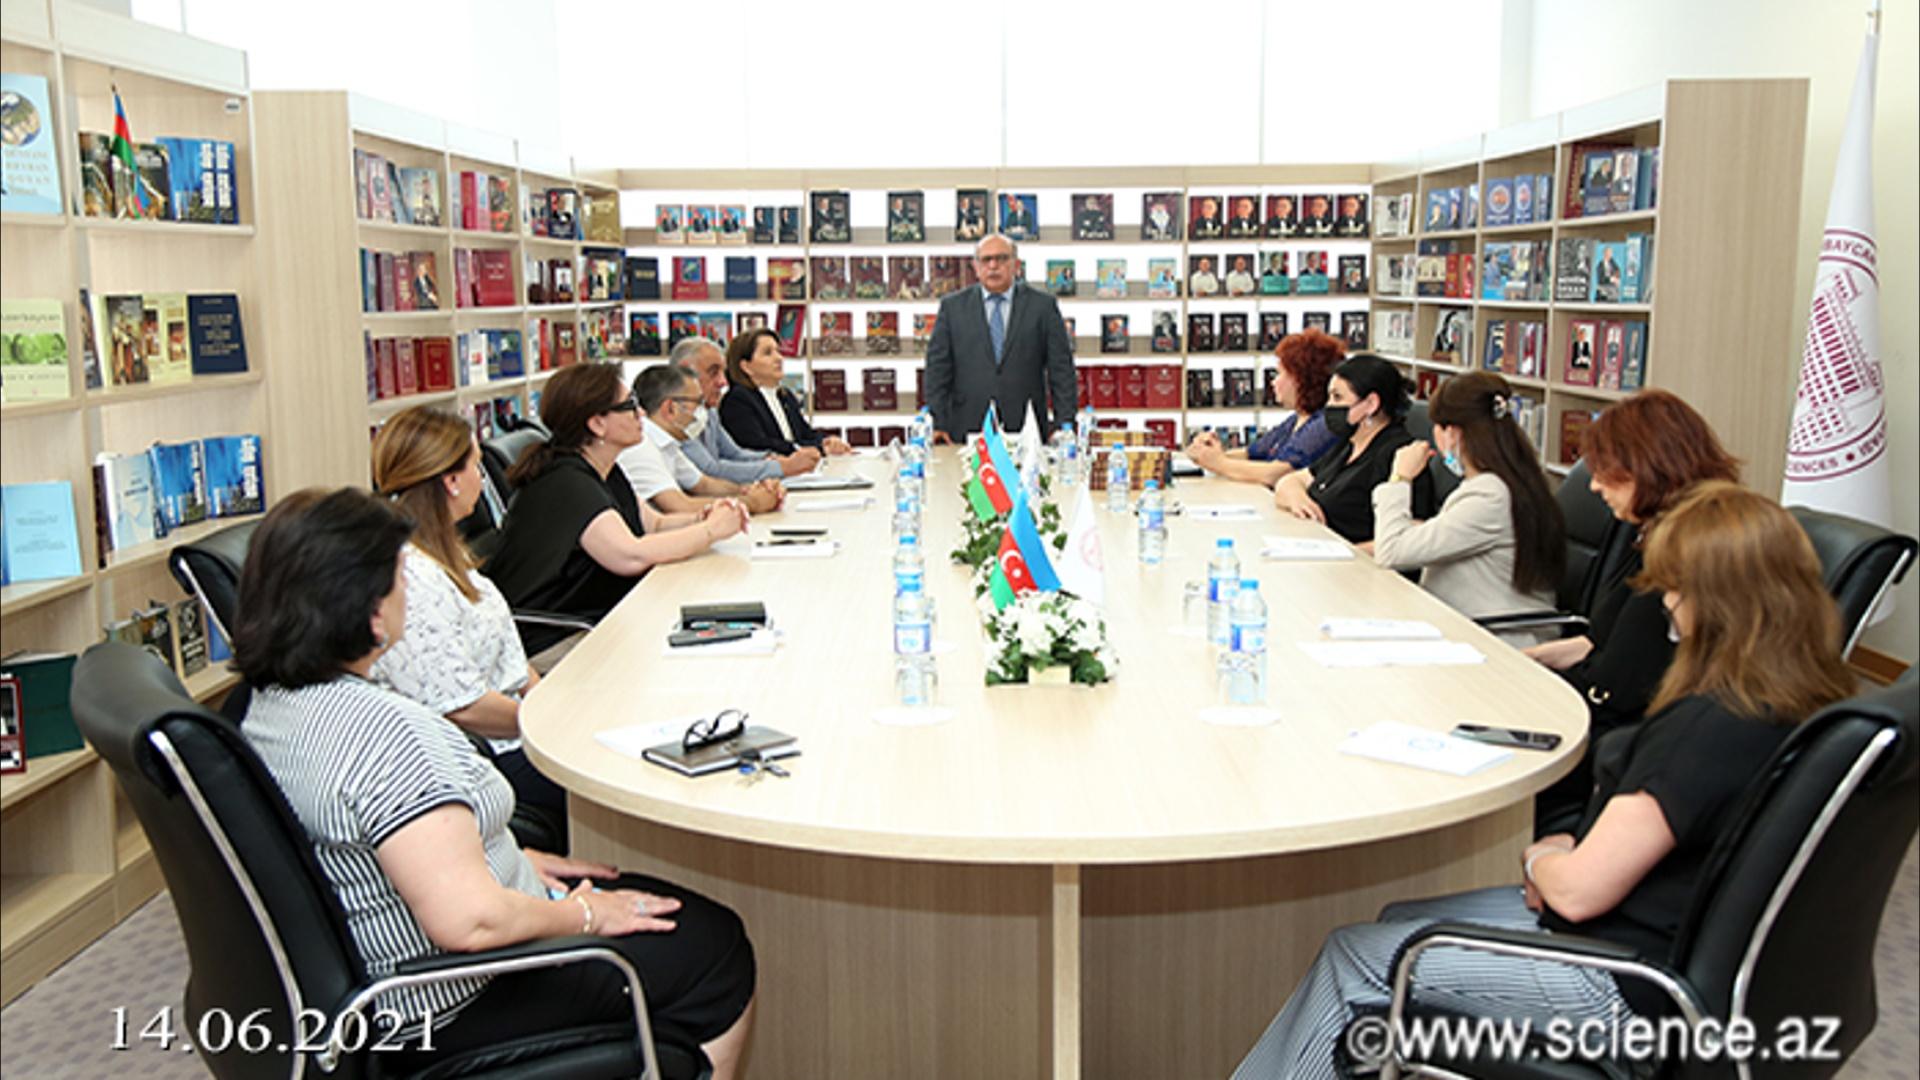 AMEA-nın Mərkəzi Elmi Kitabxanasında Heydər Əliyev lektoriyasının növbəti məşğələsi keçirilib